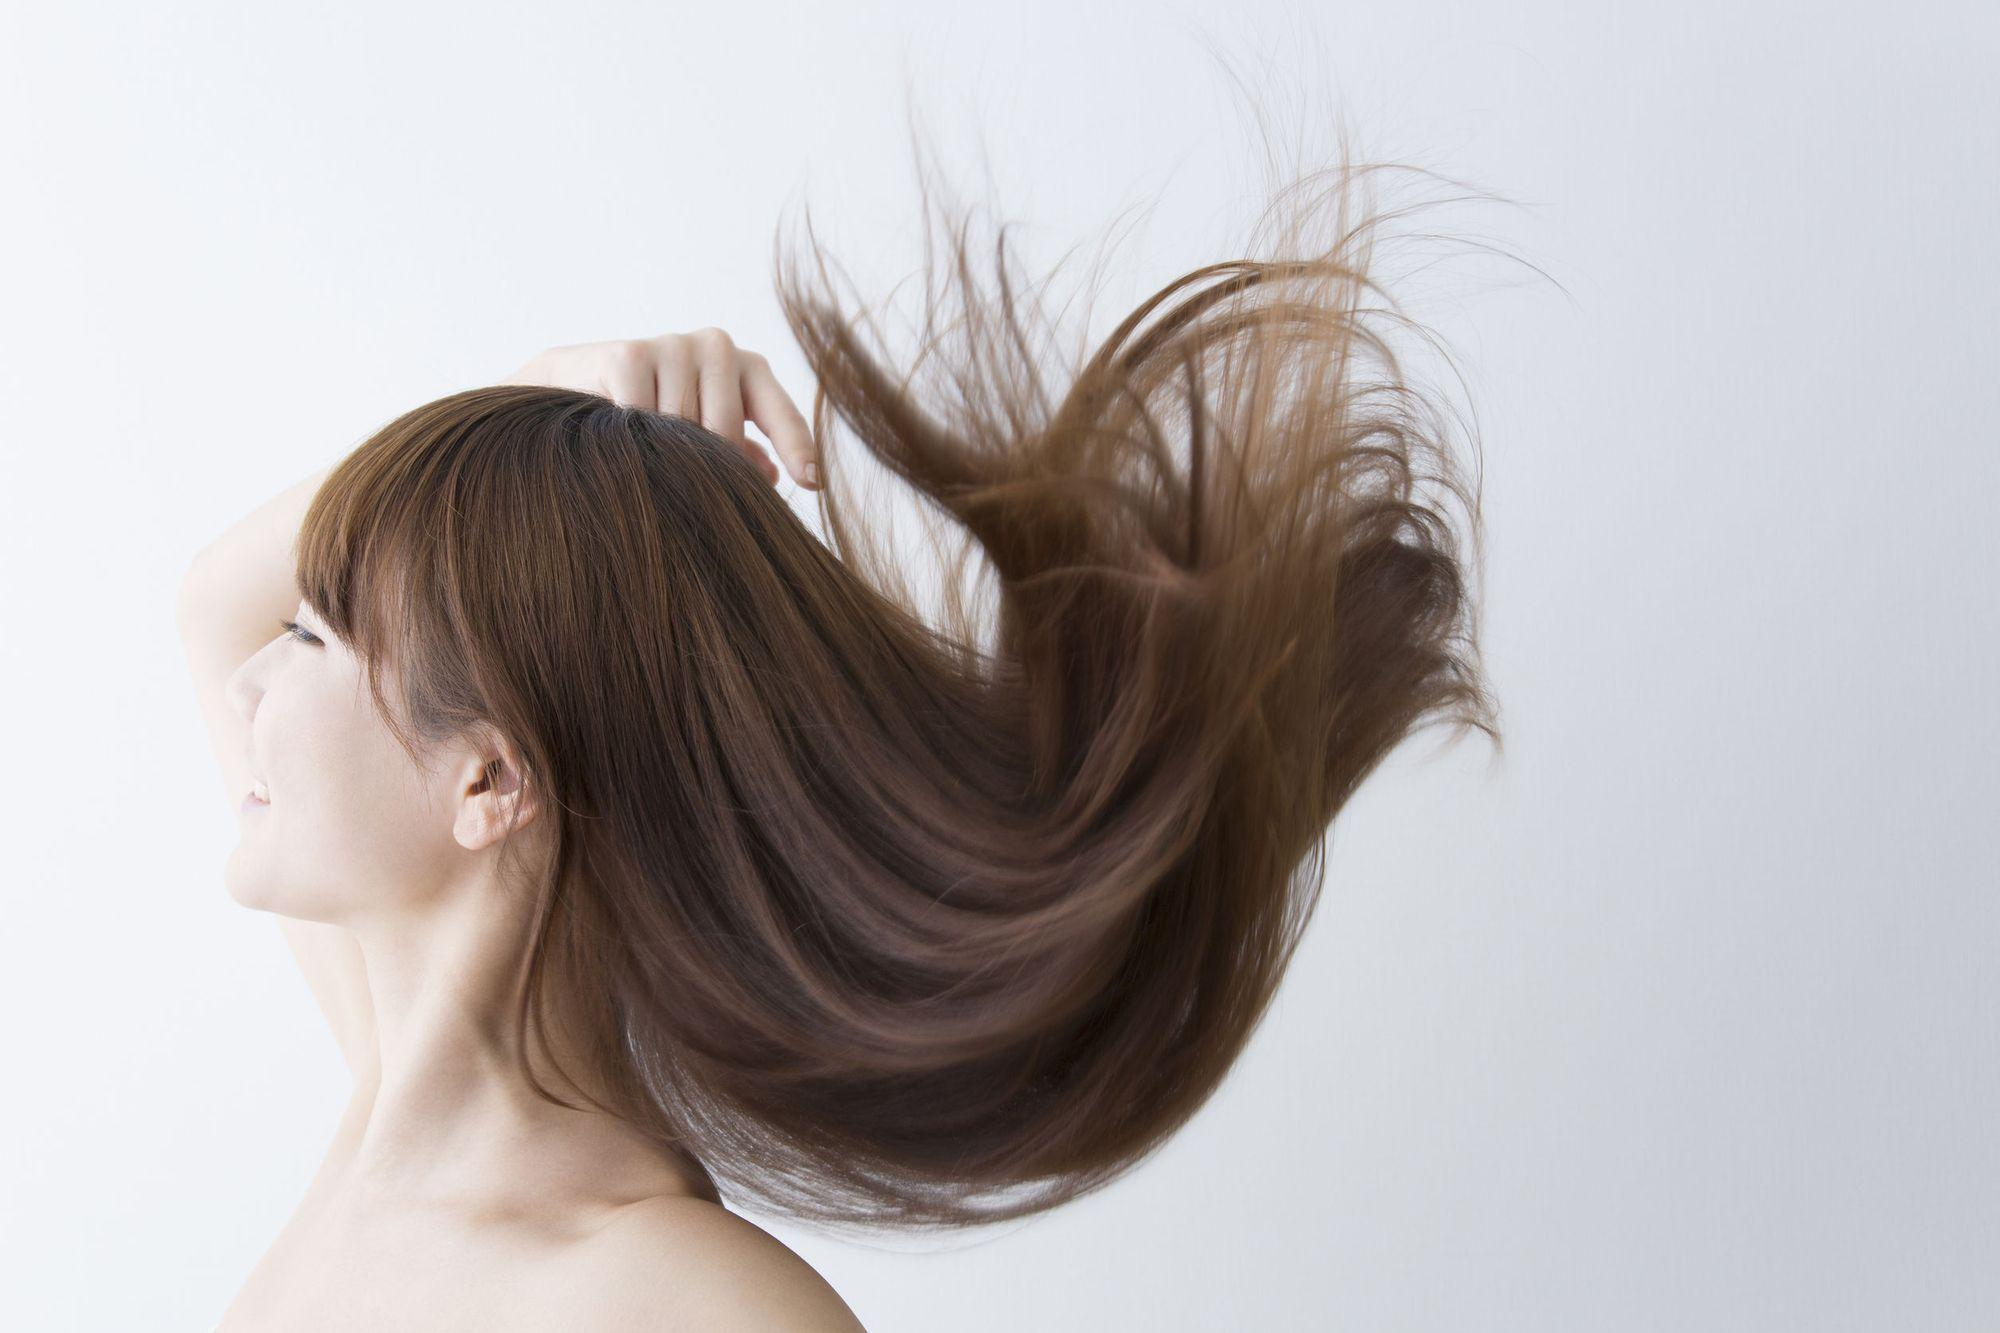 păr frumos, sănătos și bogat